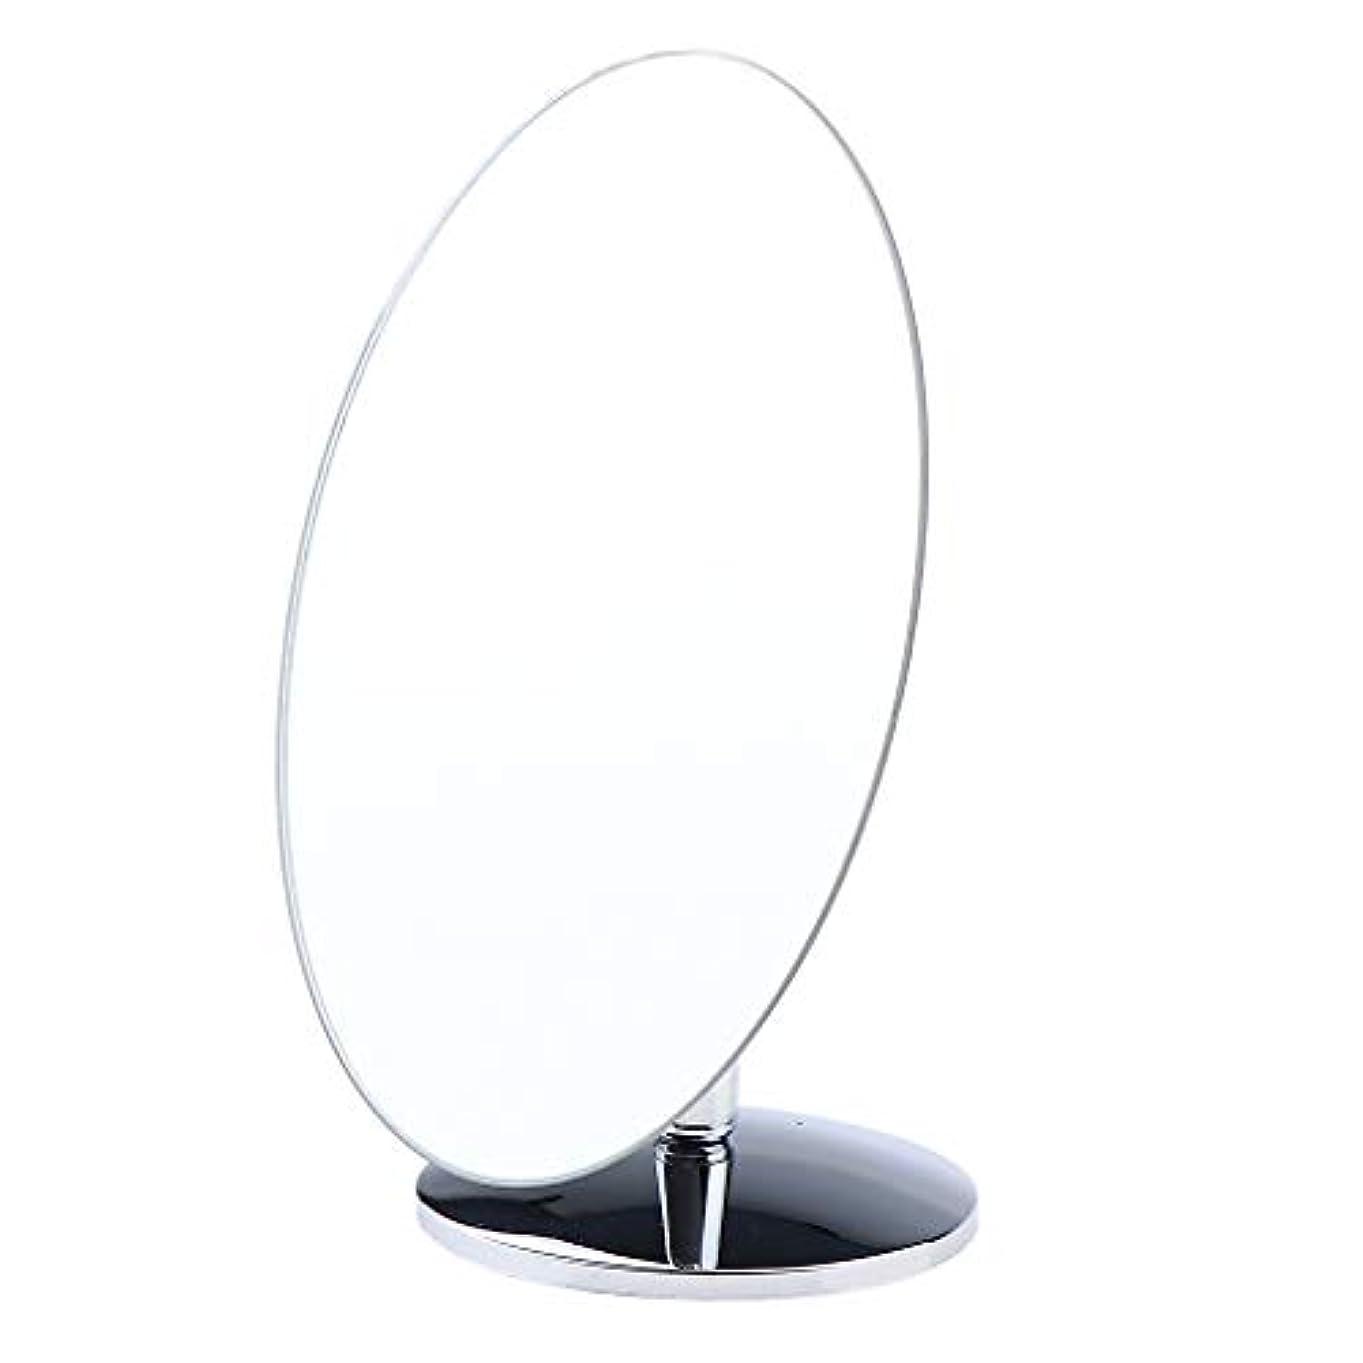 アストロラーベ頭蓋骨ゆるくSM SunniMix 化粧鏡 スタンド 卓上 化粧 鏡 360度のスイベル ミラー 卓上ミラー バス 4タイプ選べ - 楕円形小